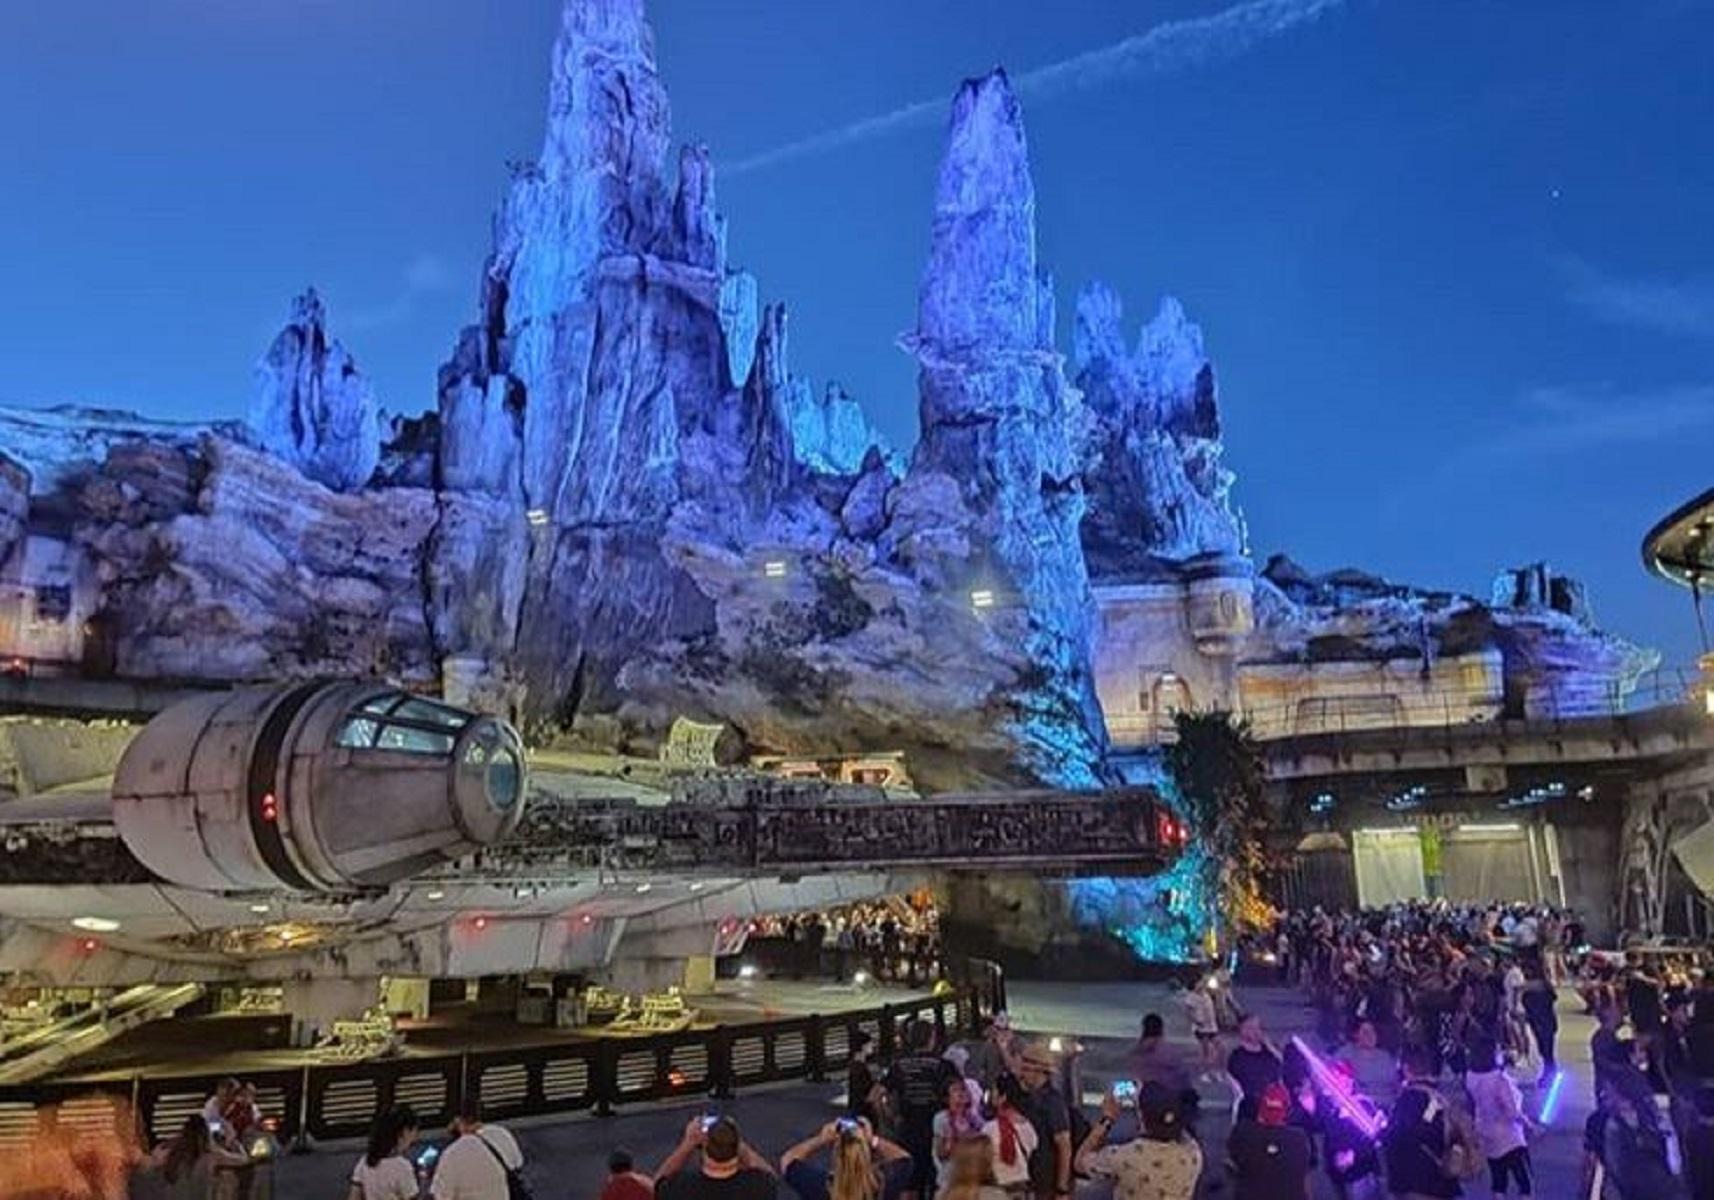 Parchi Star Wars in America: come sono fatti e dove si trovano